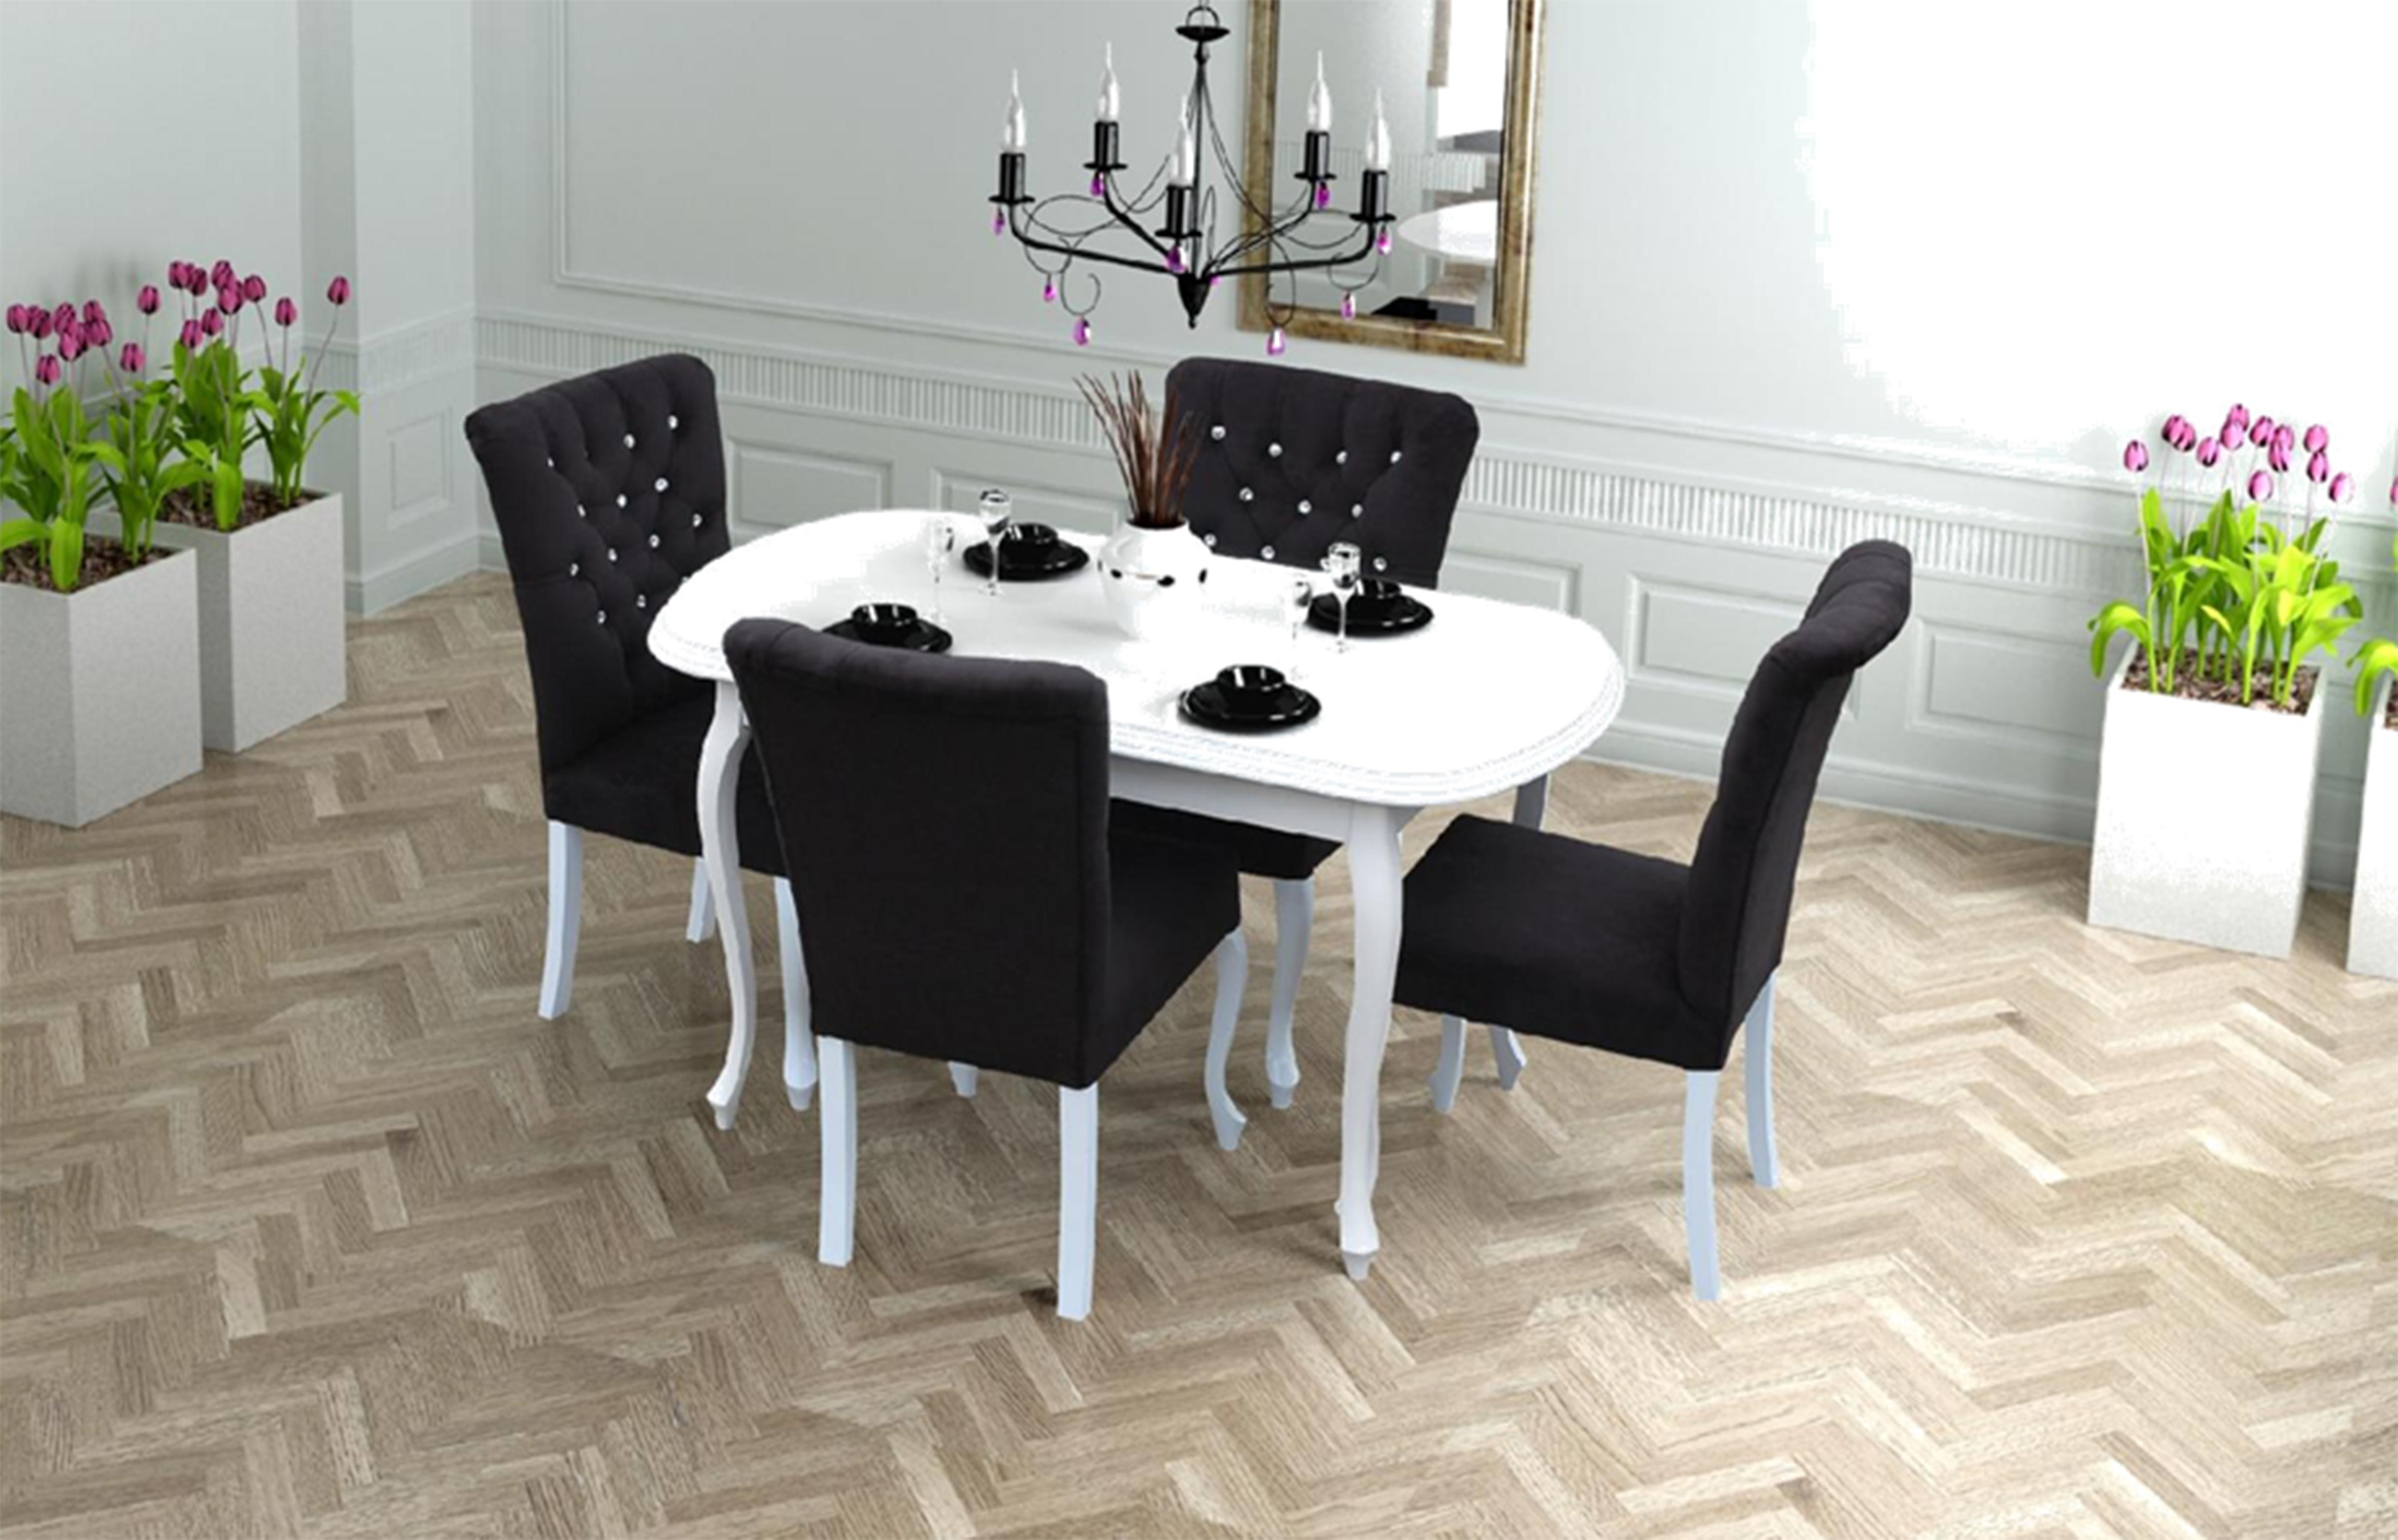 4x Chesterfield Stuhle Stuhl Set Polster Garnitur Kuchen Wohnzimmer